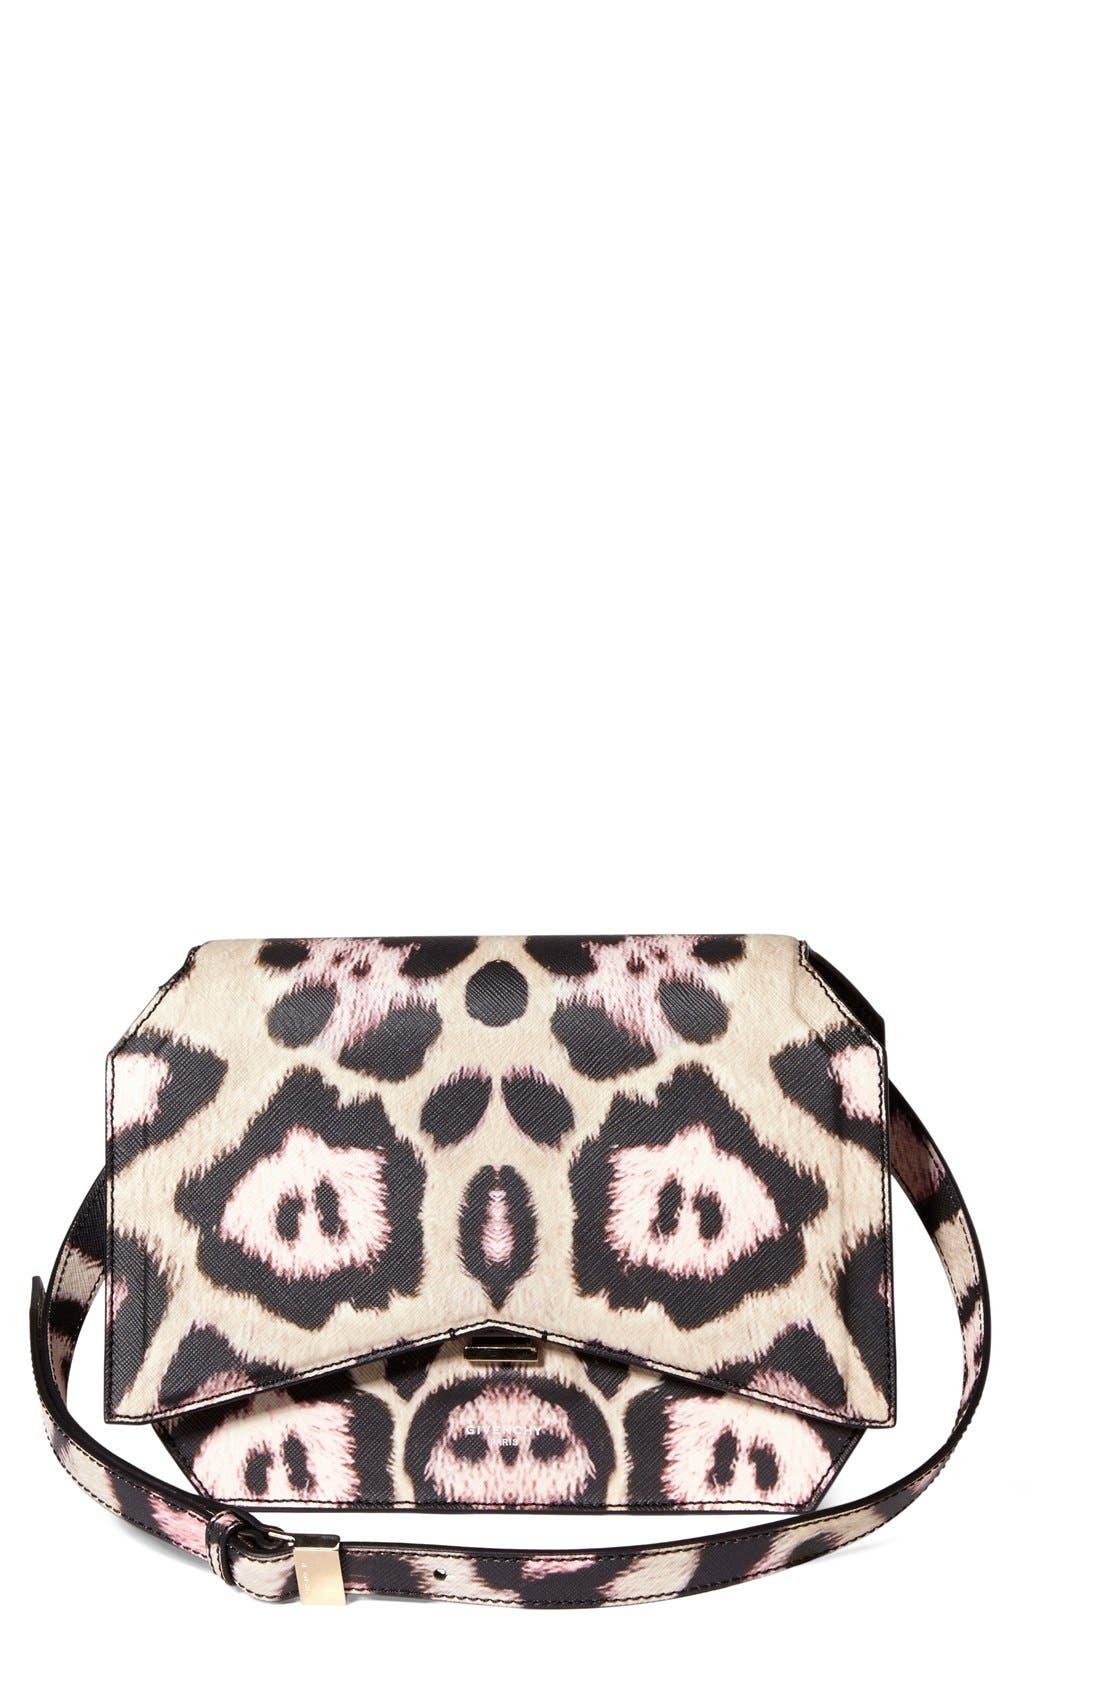 Alternate Image 1 Selected - Givenchy 'Medium Bow-Cut' Jaguar Print Leather Shoulder Bag